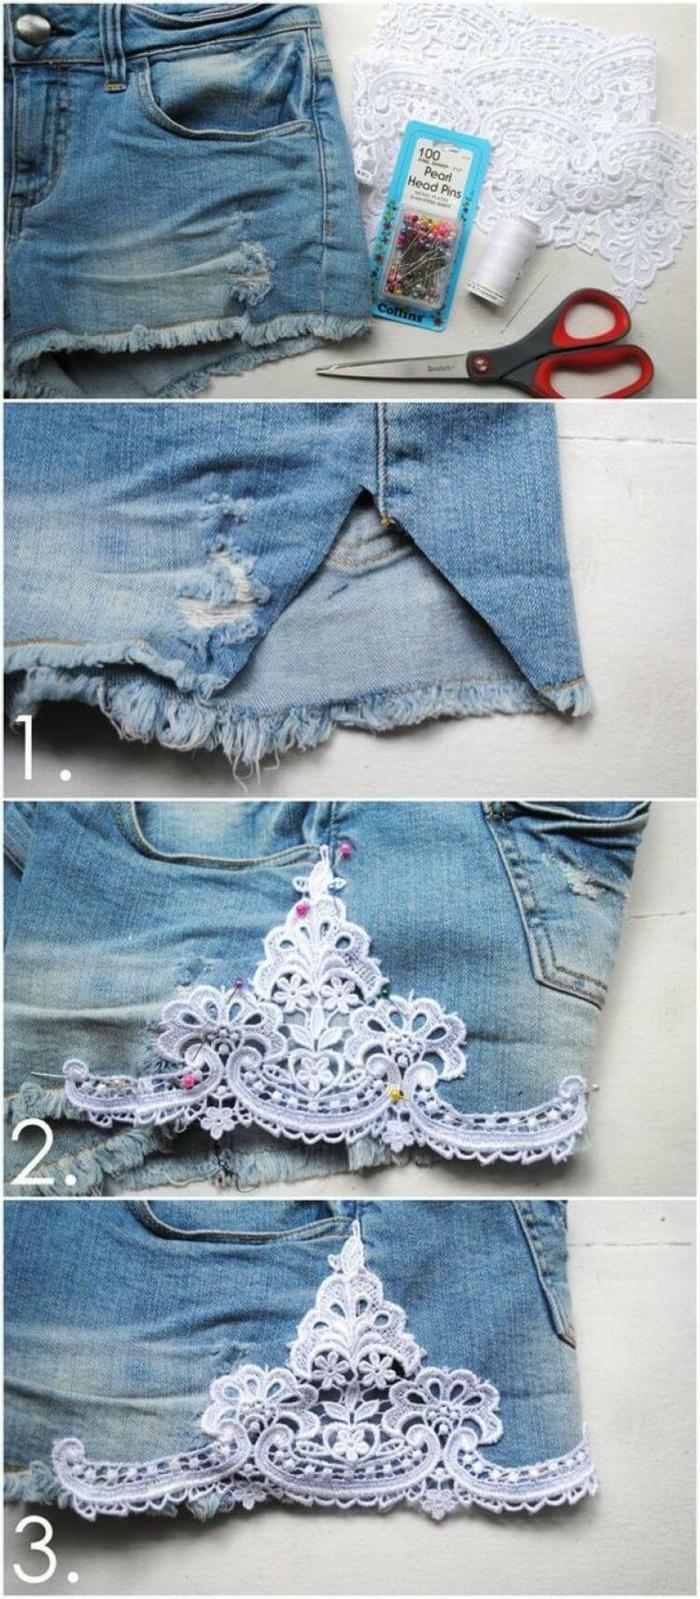 dentelle blanche pour customiser un jean